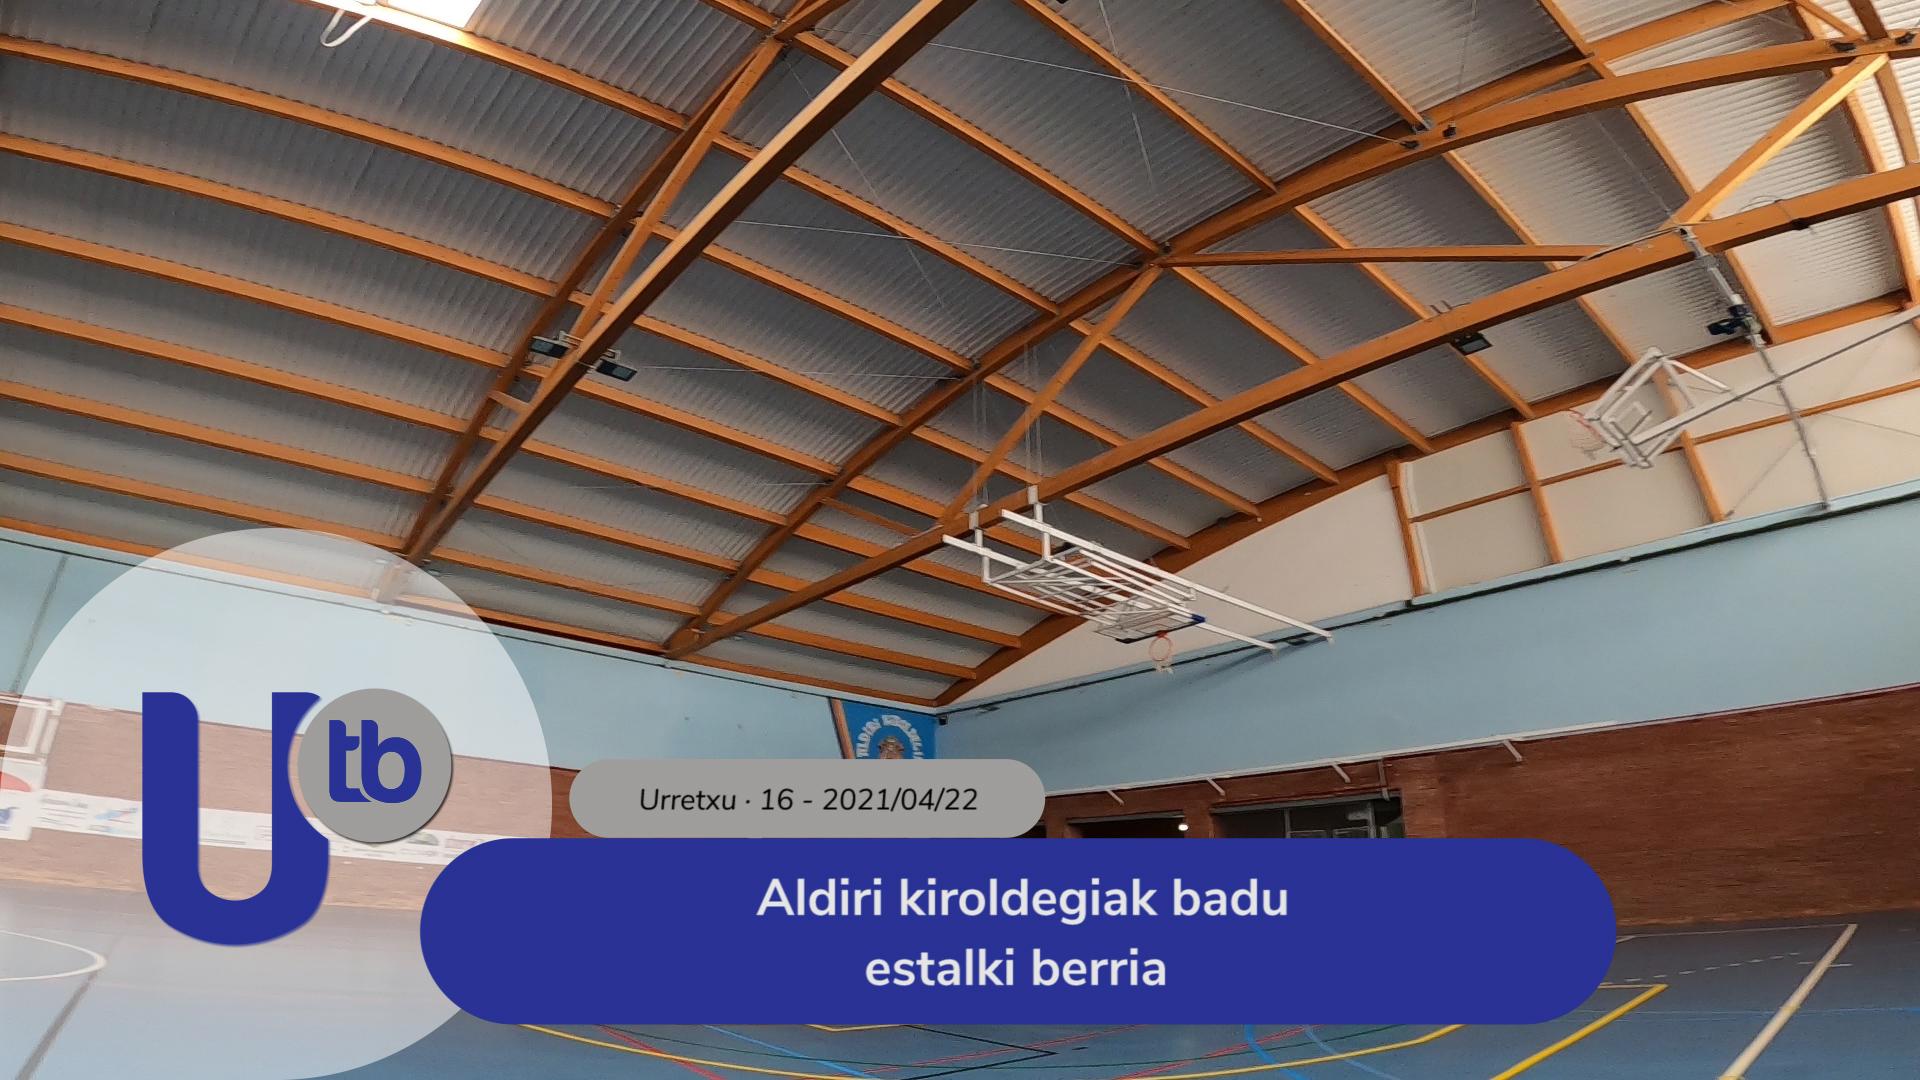 Aldiri kiroldegiak badu estalki berria / El polideportivo Aldiri ya tiene nueva cubierta